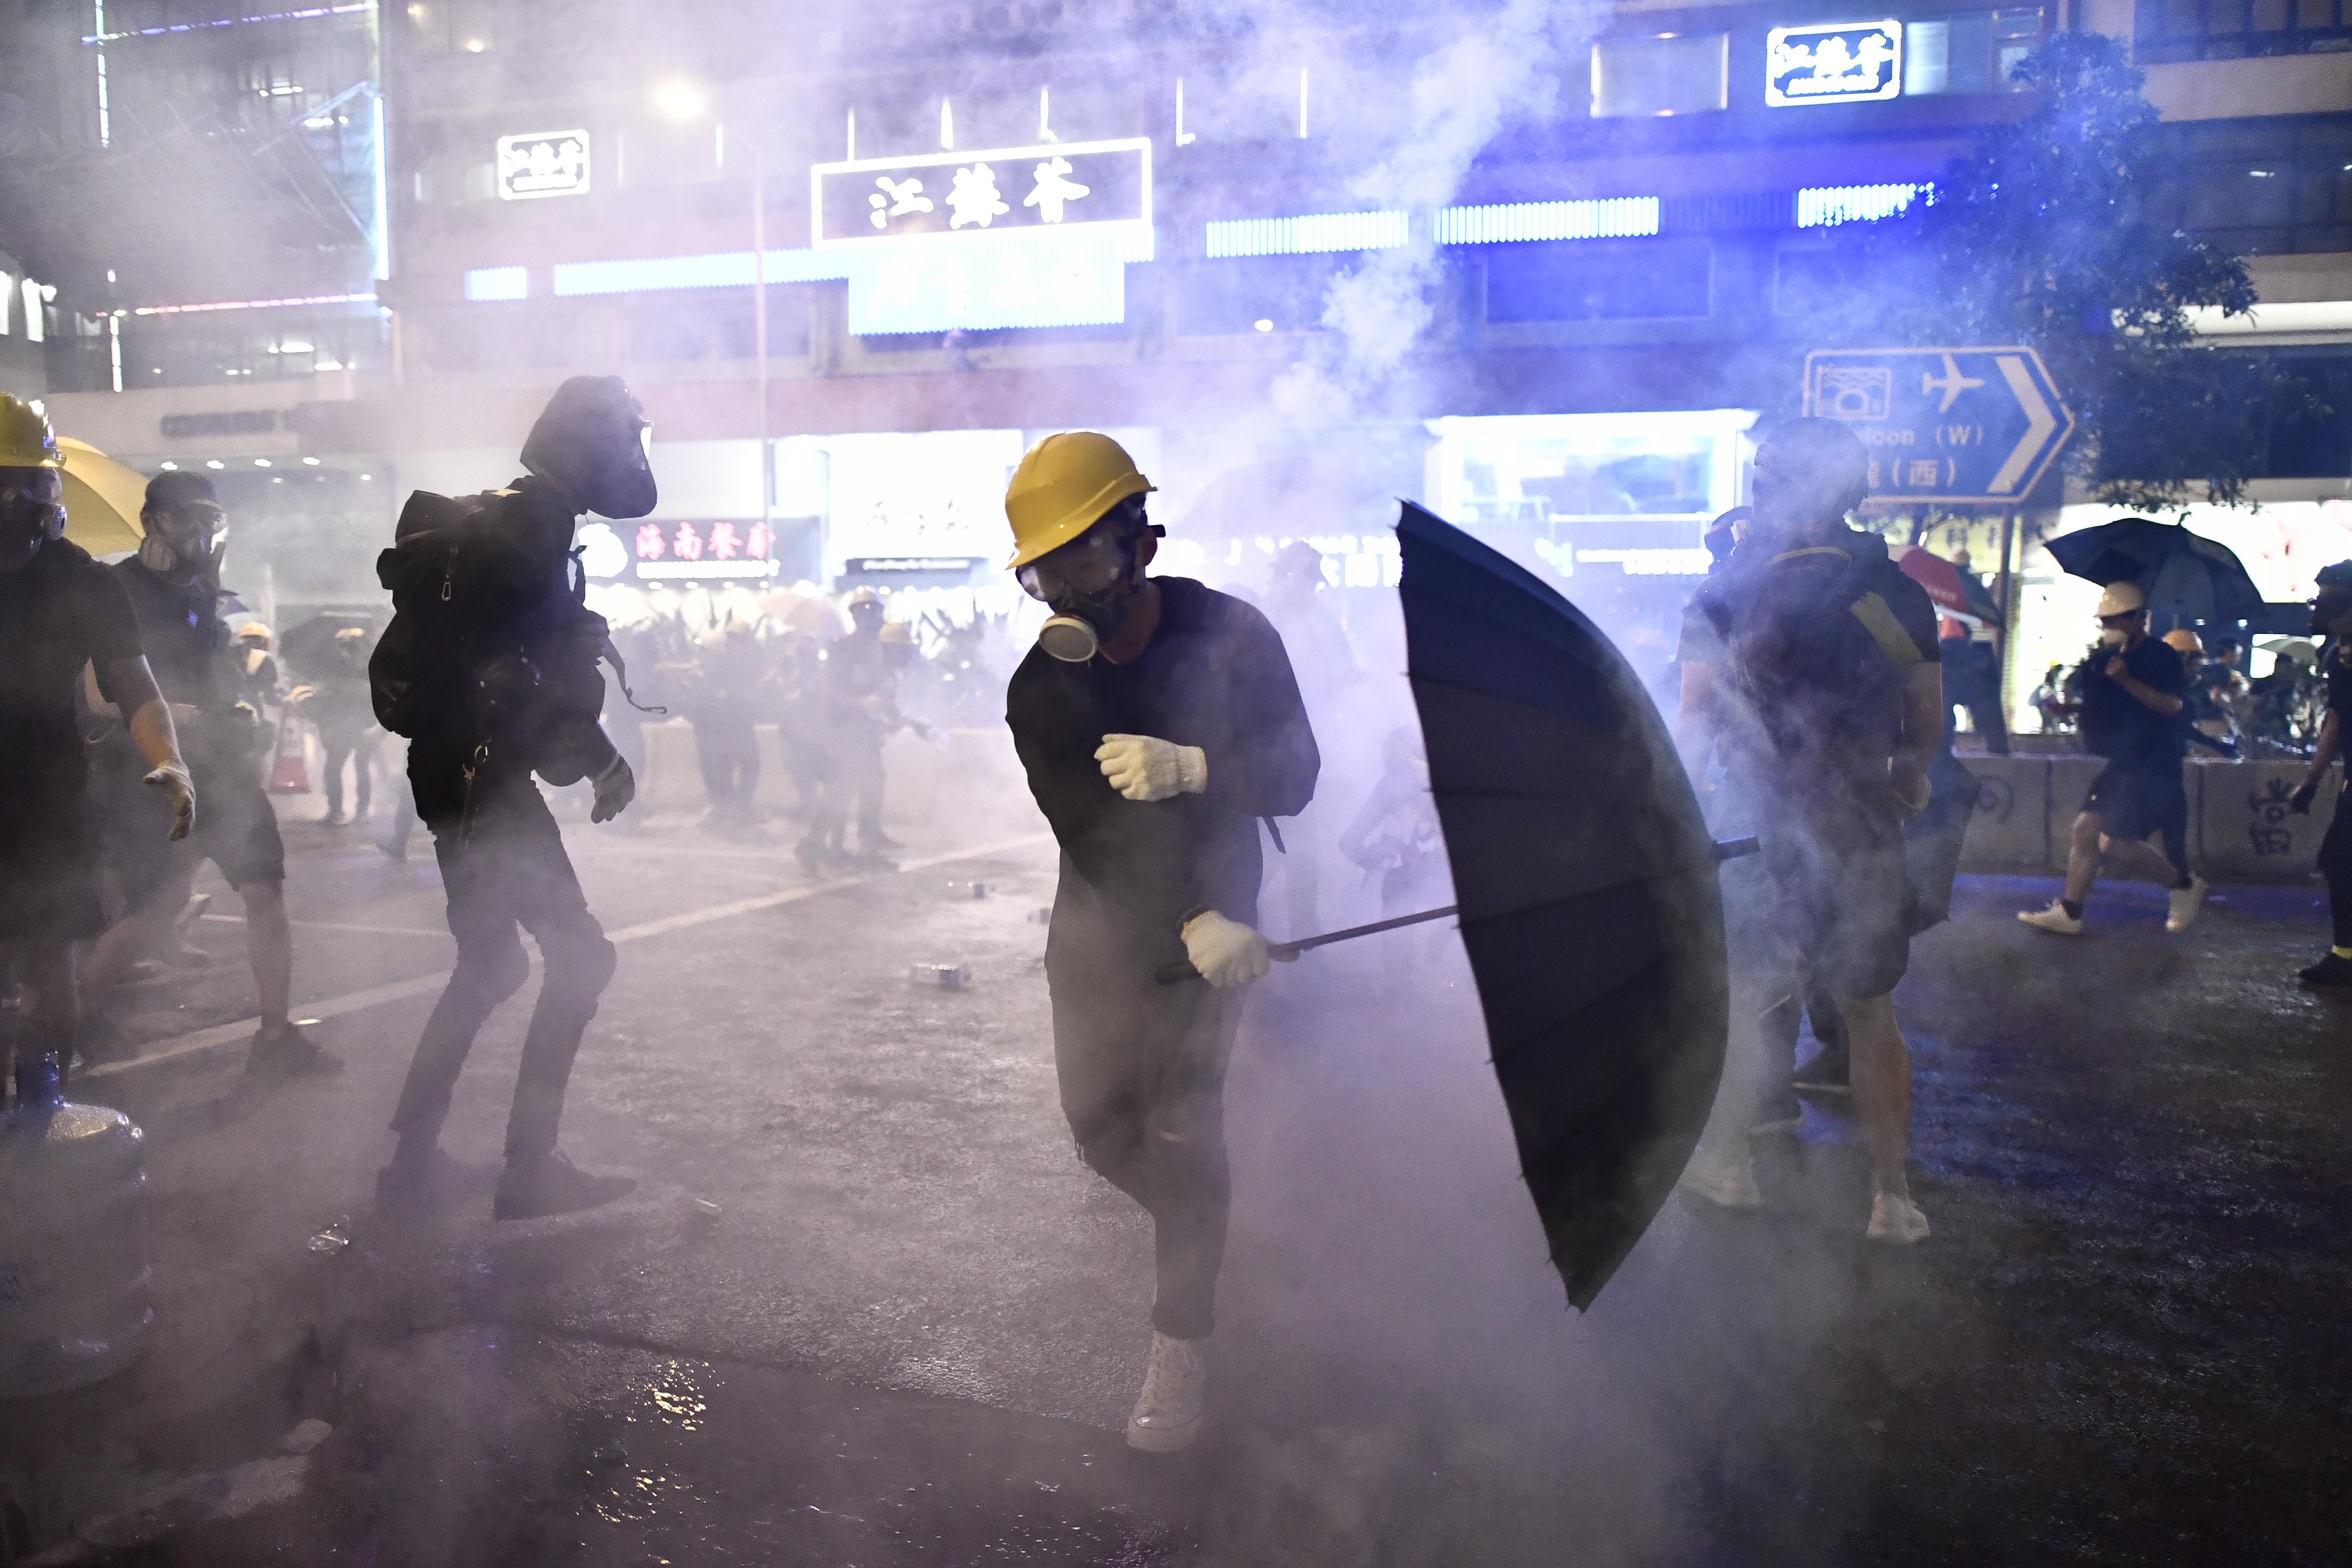 Kína lényegében betiltotta az Oscart az országban, miután jelölést kapott egy Hongkongról szóló dokumentumfilm